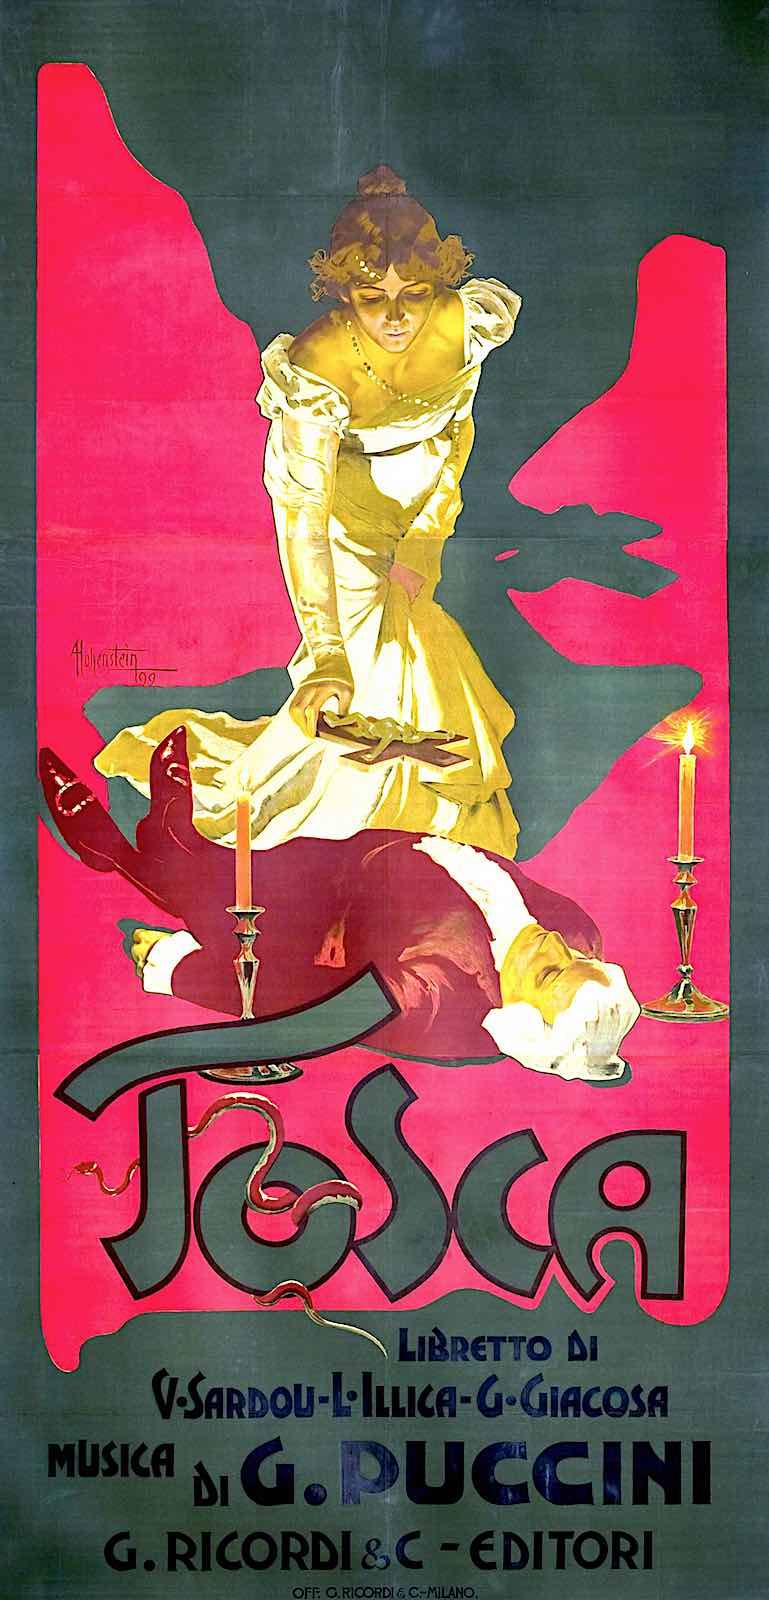 a Marcello Dudovich 1899 poster for Puccini's opera Tosca